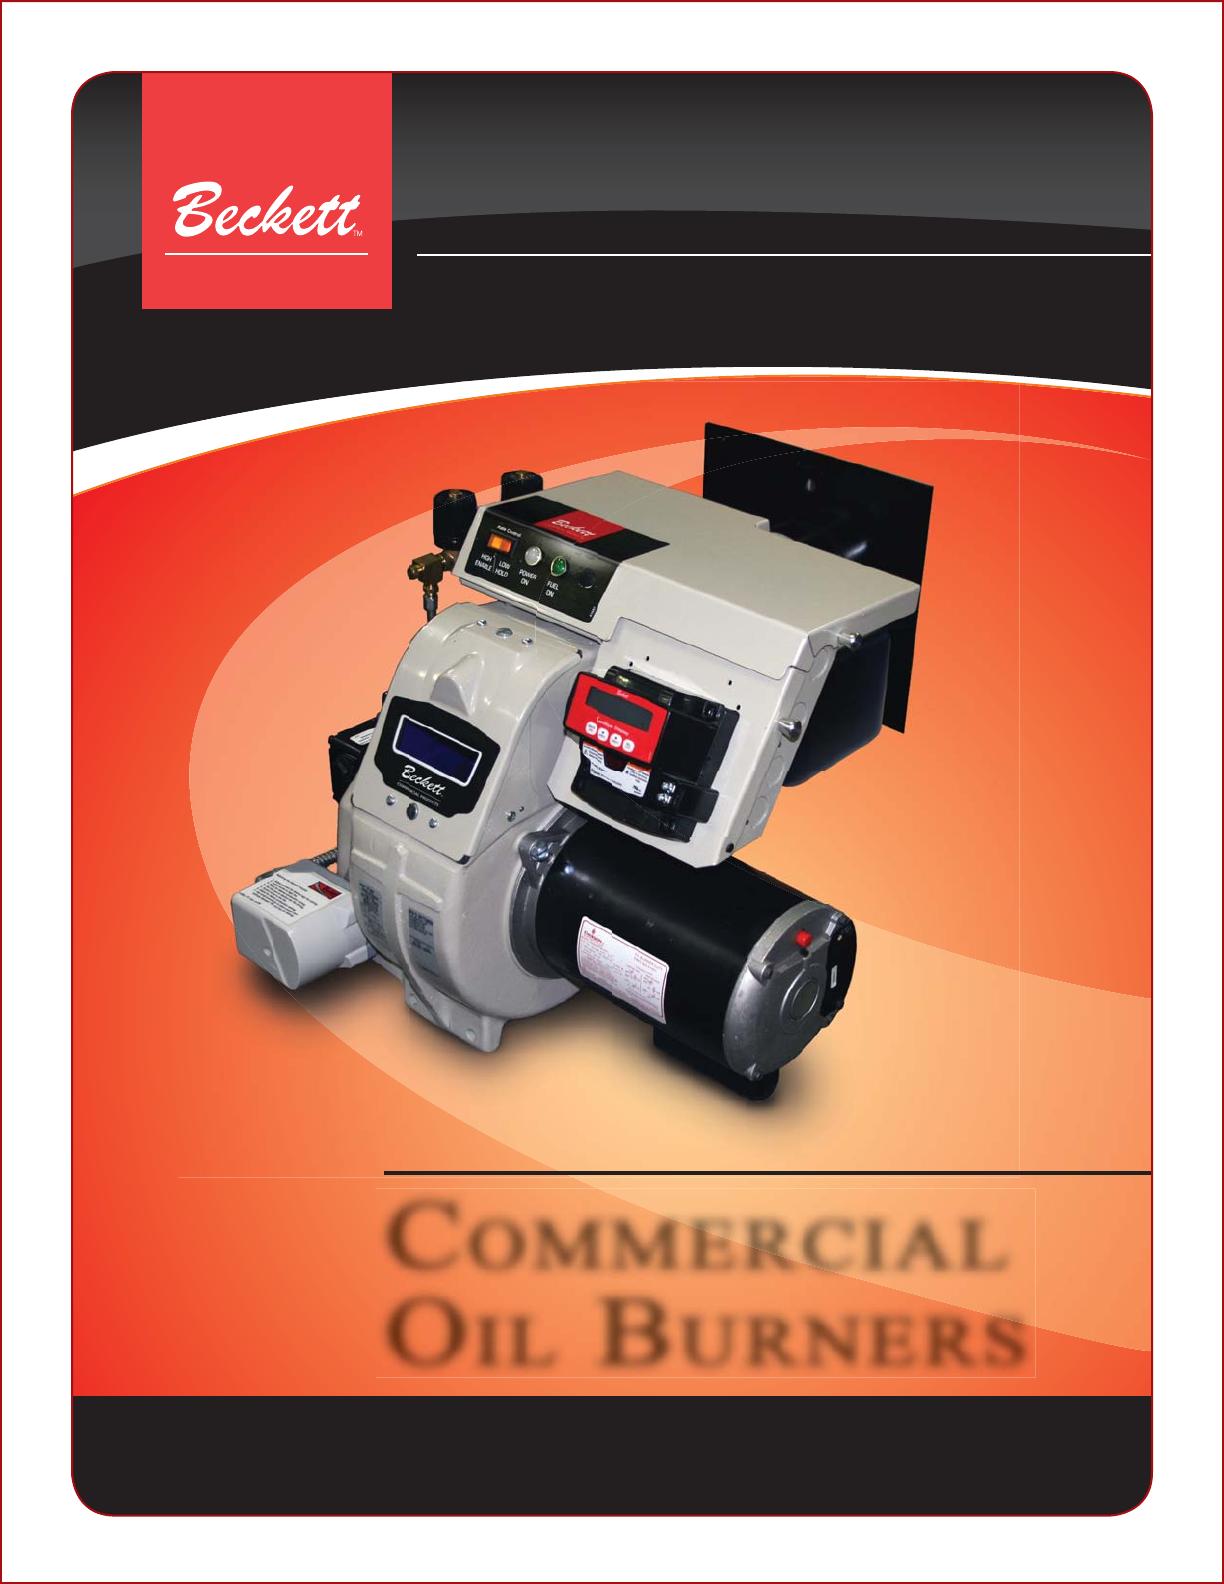 beckett burner cf3500a user guide manualsonline com rh homeappliance manualsonline com Beckett Oil Burner Nozzle Size Beckett Oil Burner Fuel Pump